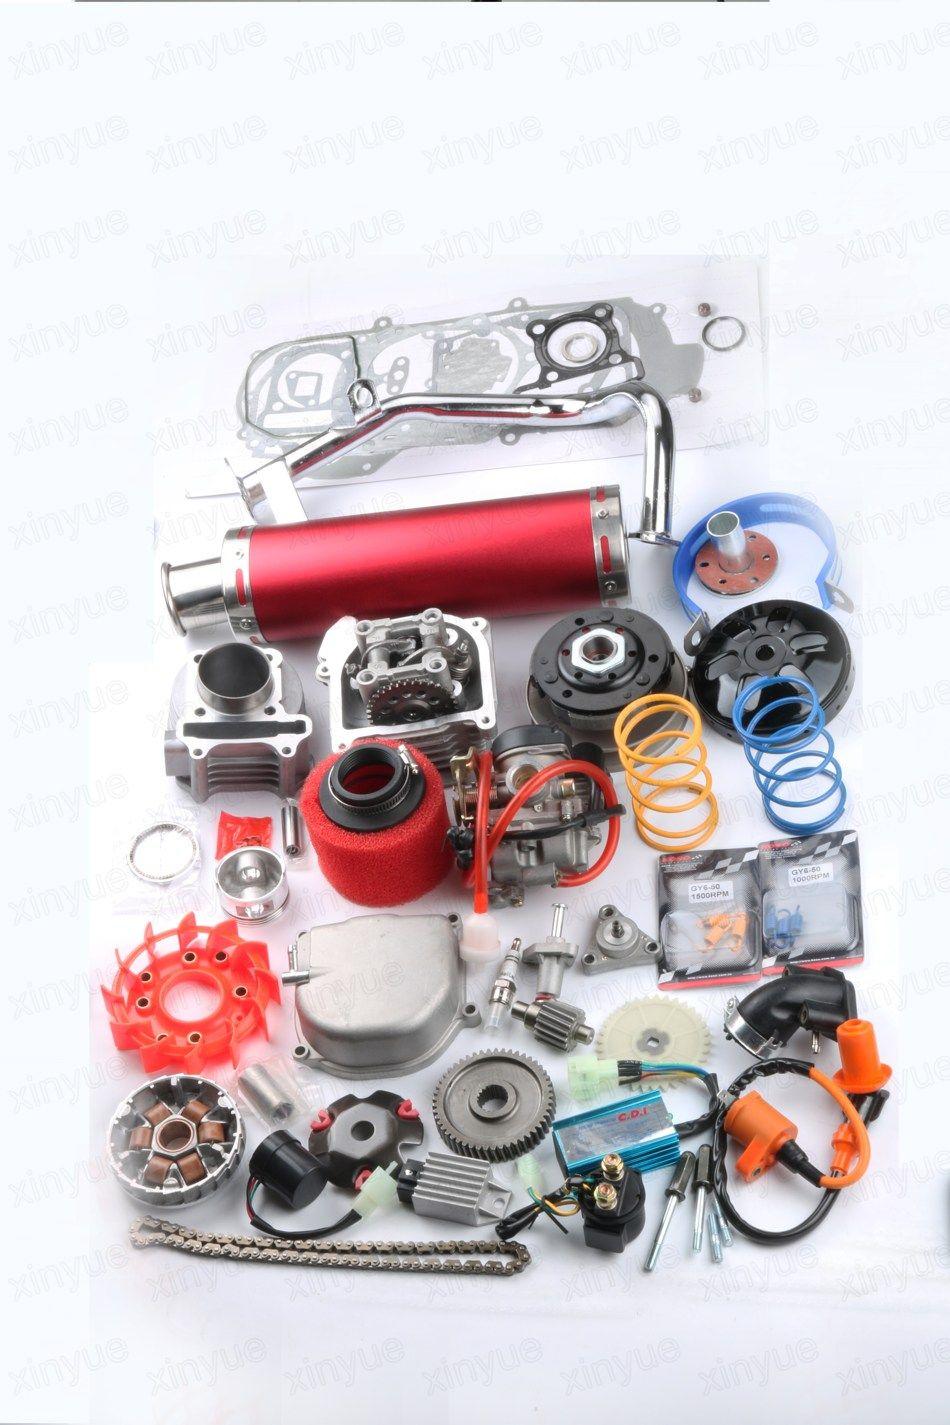 52mm 105cc Big Bore Performance Kit A9 Cam CDI Carburetor GY6 50cc 139QMB  /139QMA 6 colors available